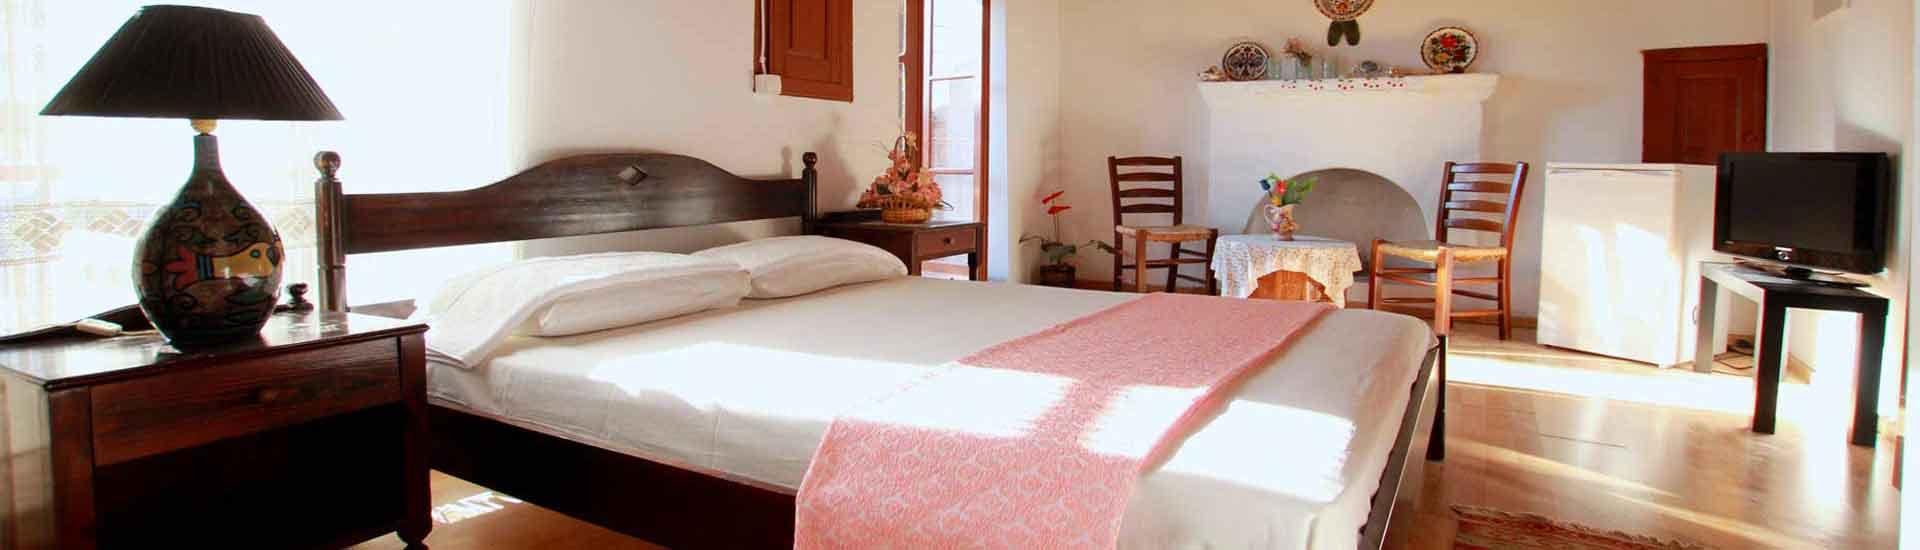 alexandra-rooms-kastelorizo-image-slide-1